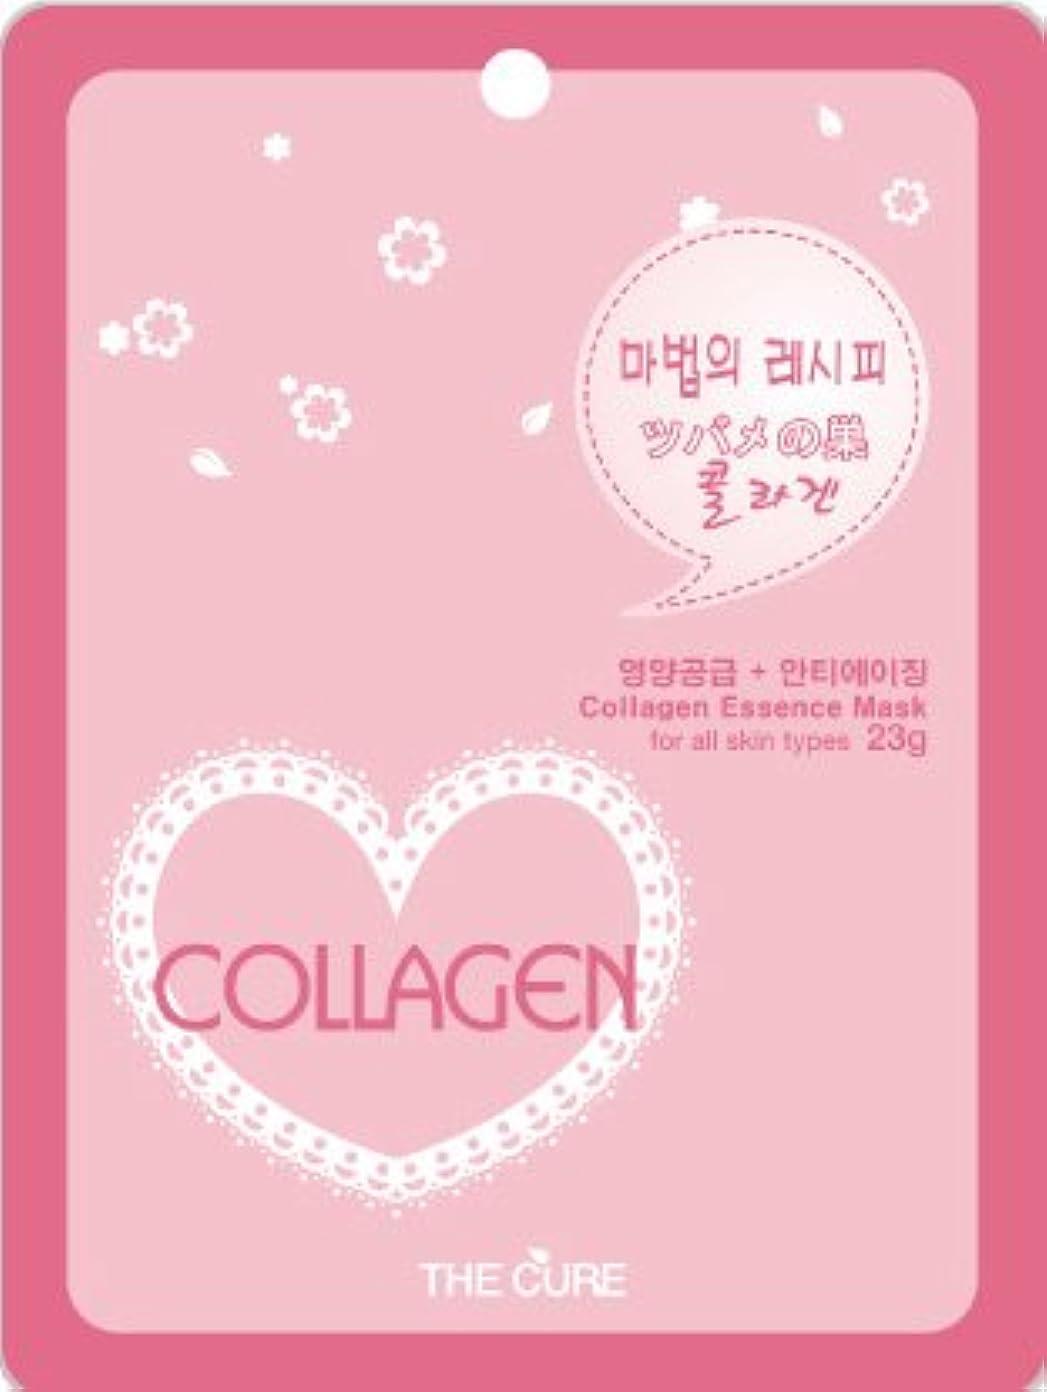 匹敵します睡眠ばかげたコラーゲン エッセンス マスク THE CURE シート パック 10枚セット 韓国 コスメ 乾燥肌 オイリー肌 混合肌